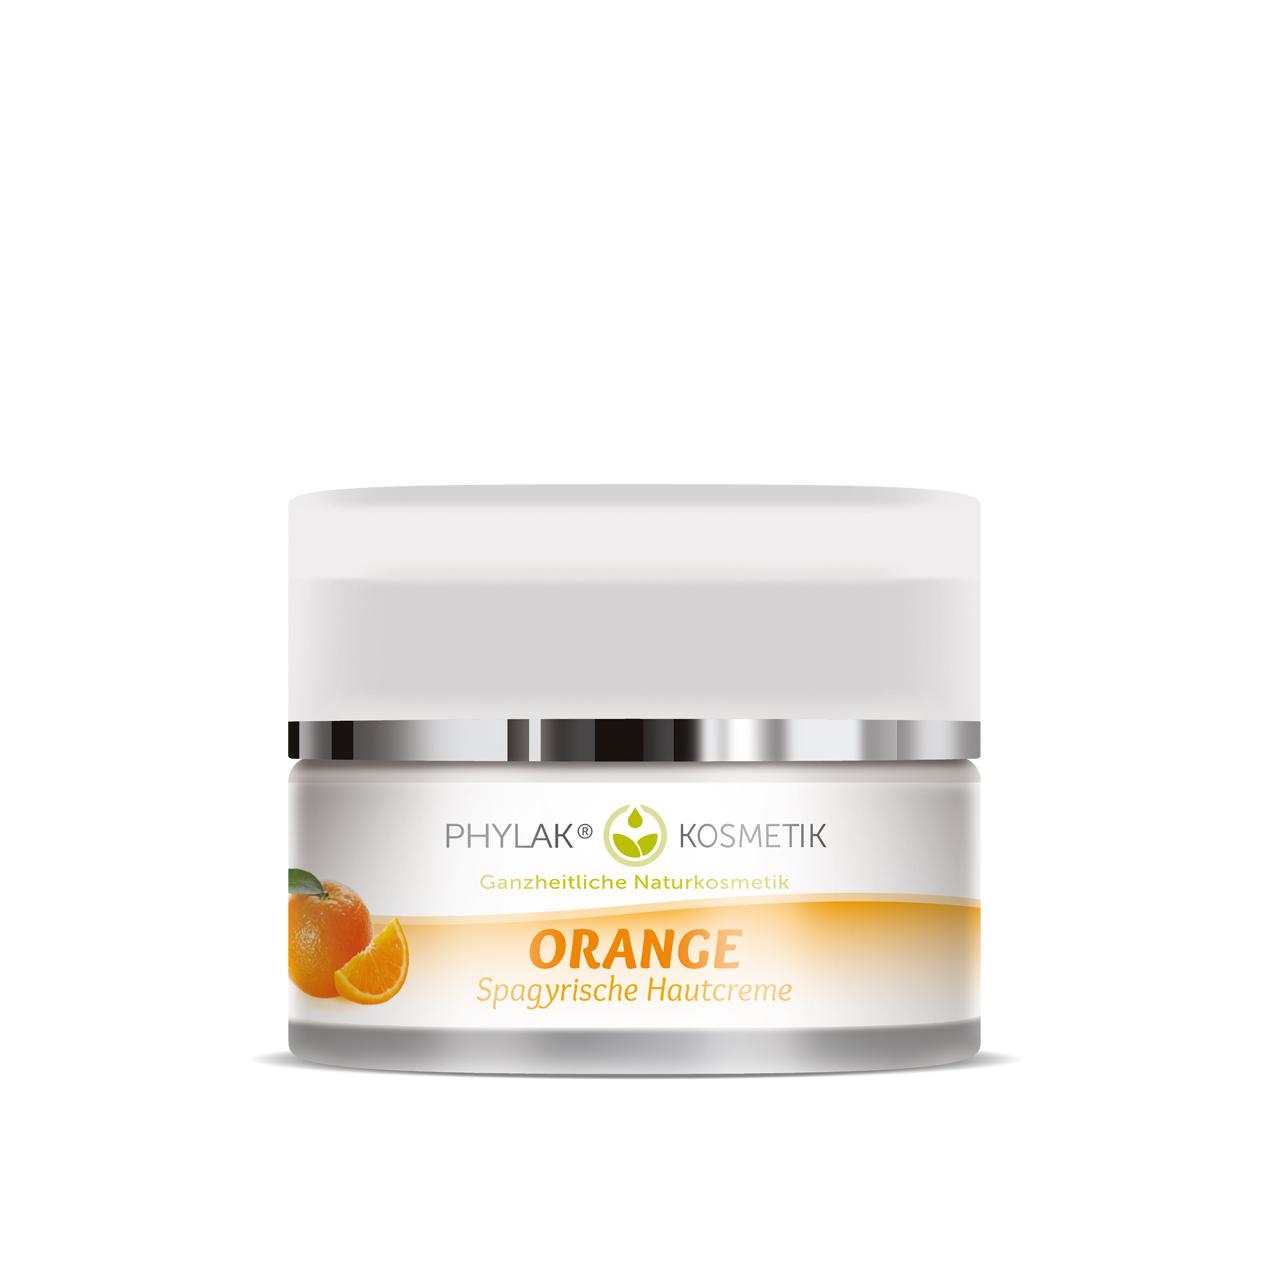 ORANGE - Spagyrische Hautcreme